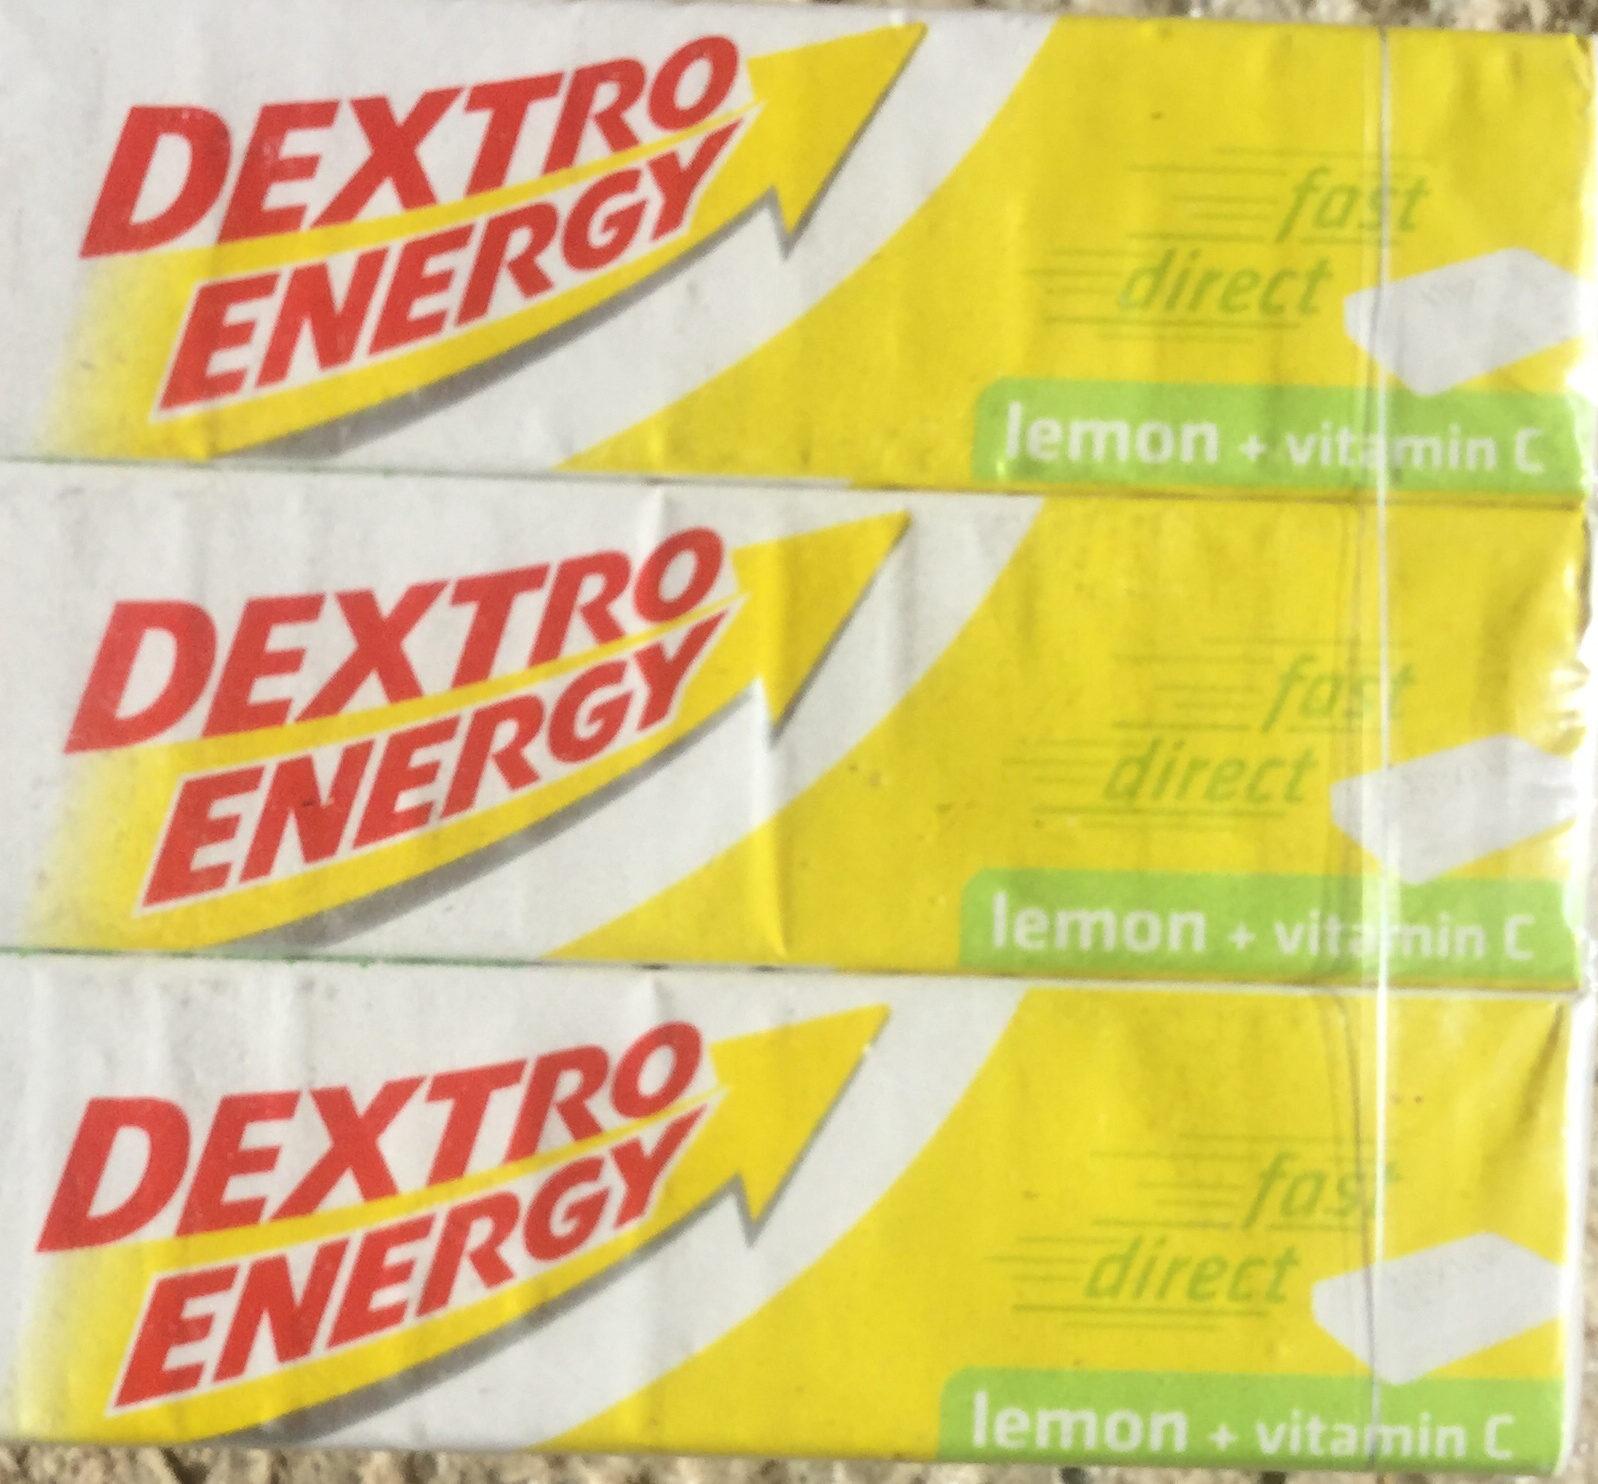 DE stick citroen/citron + vit C - Product